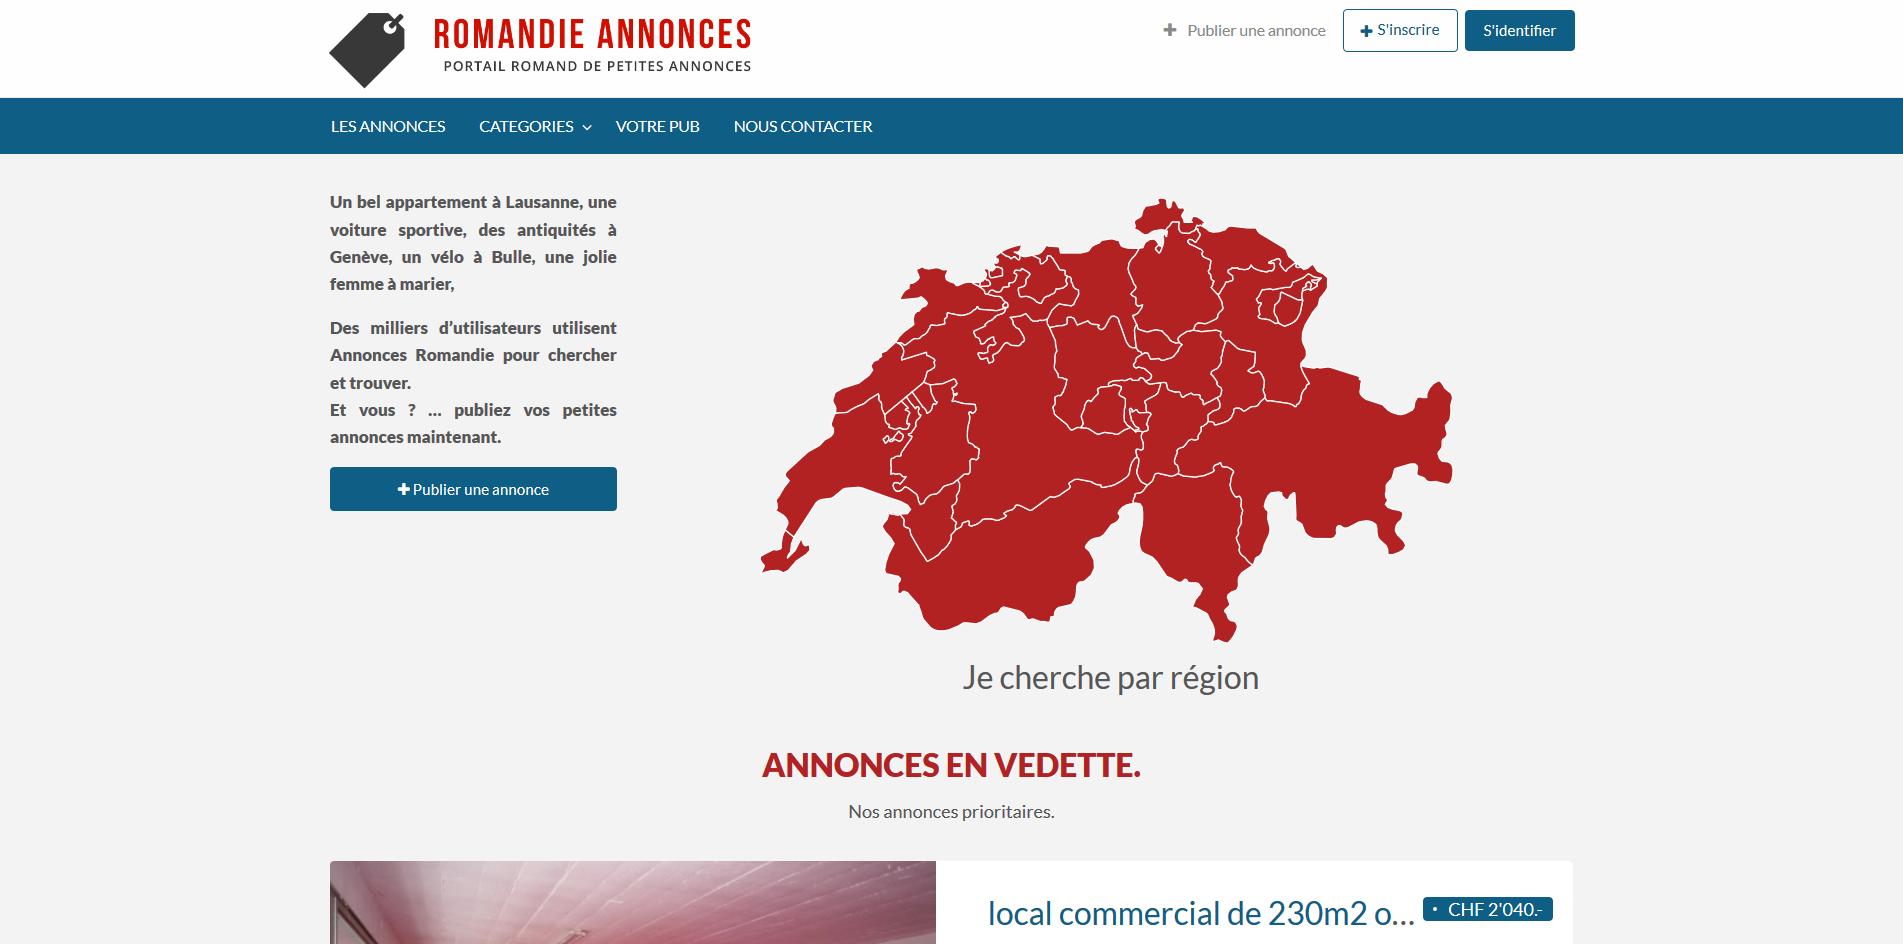 THALES IT - Réalisation sites Internet - Agence WEB - Annonces Romandie